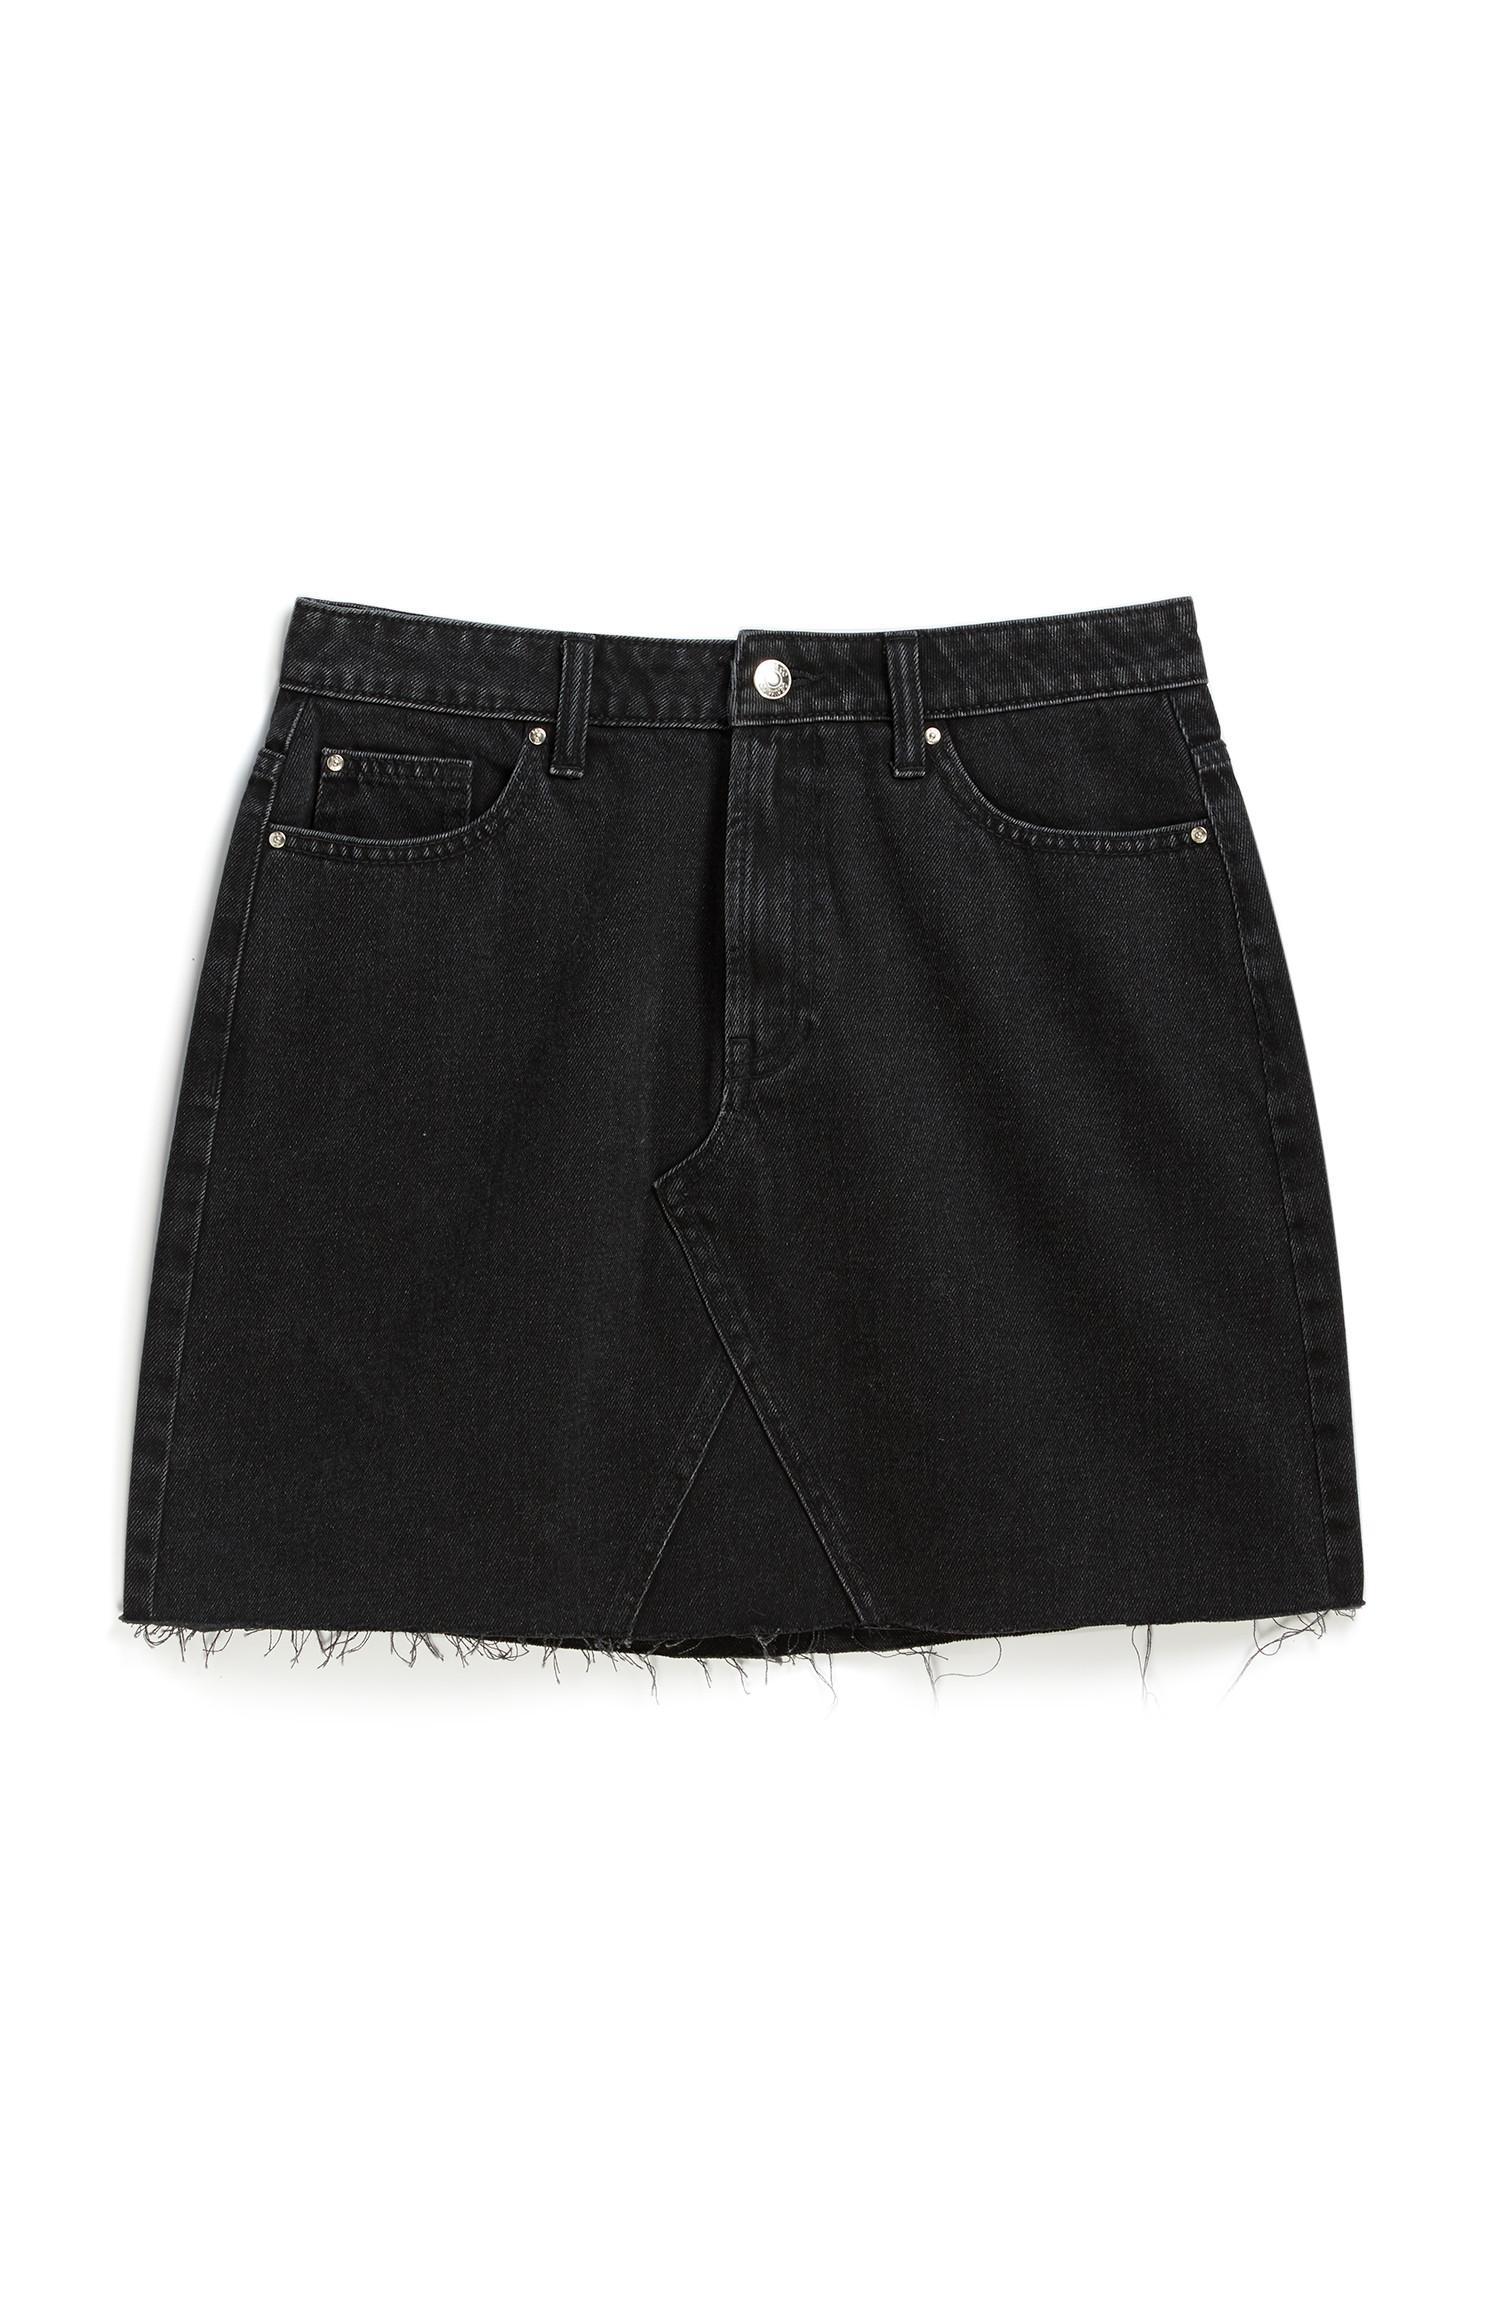 Black Denim Skirt